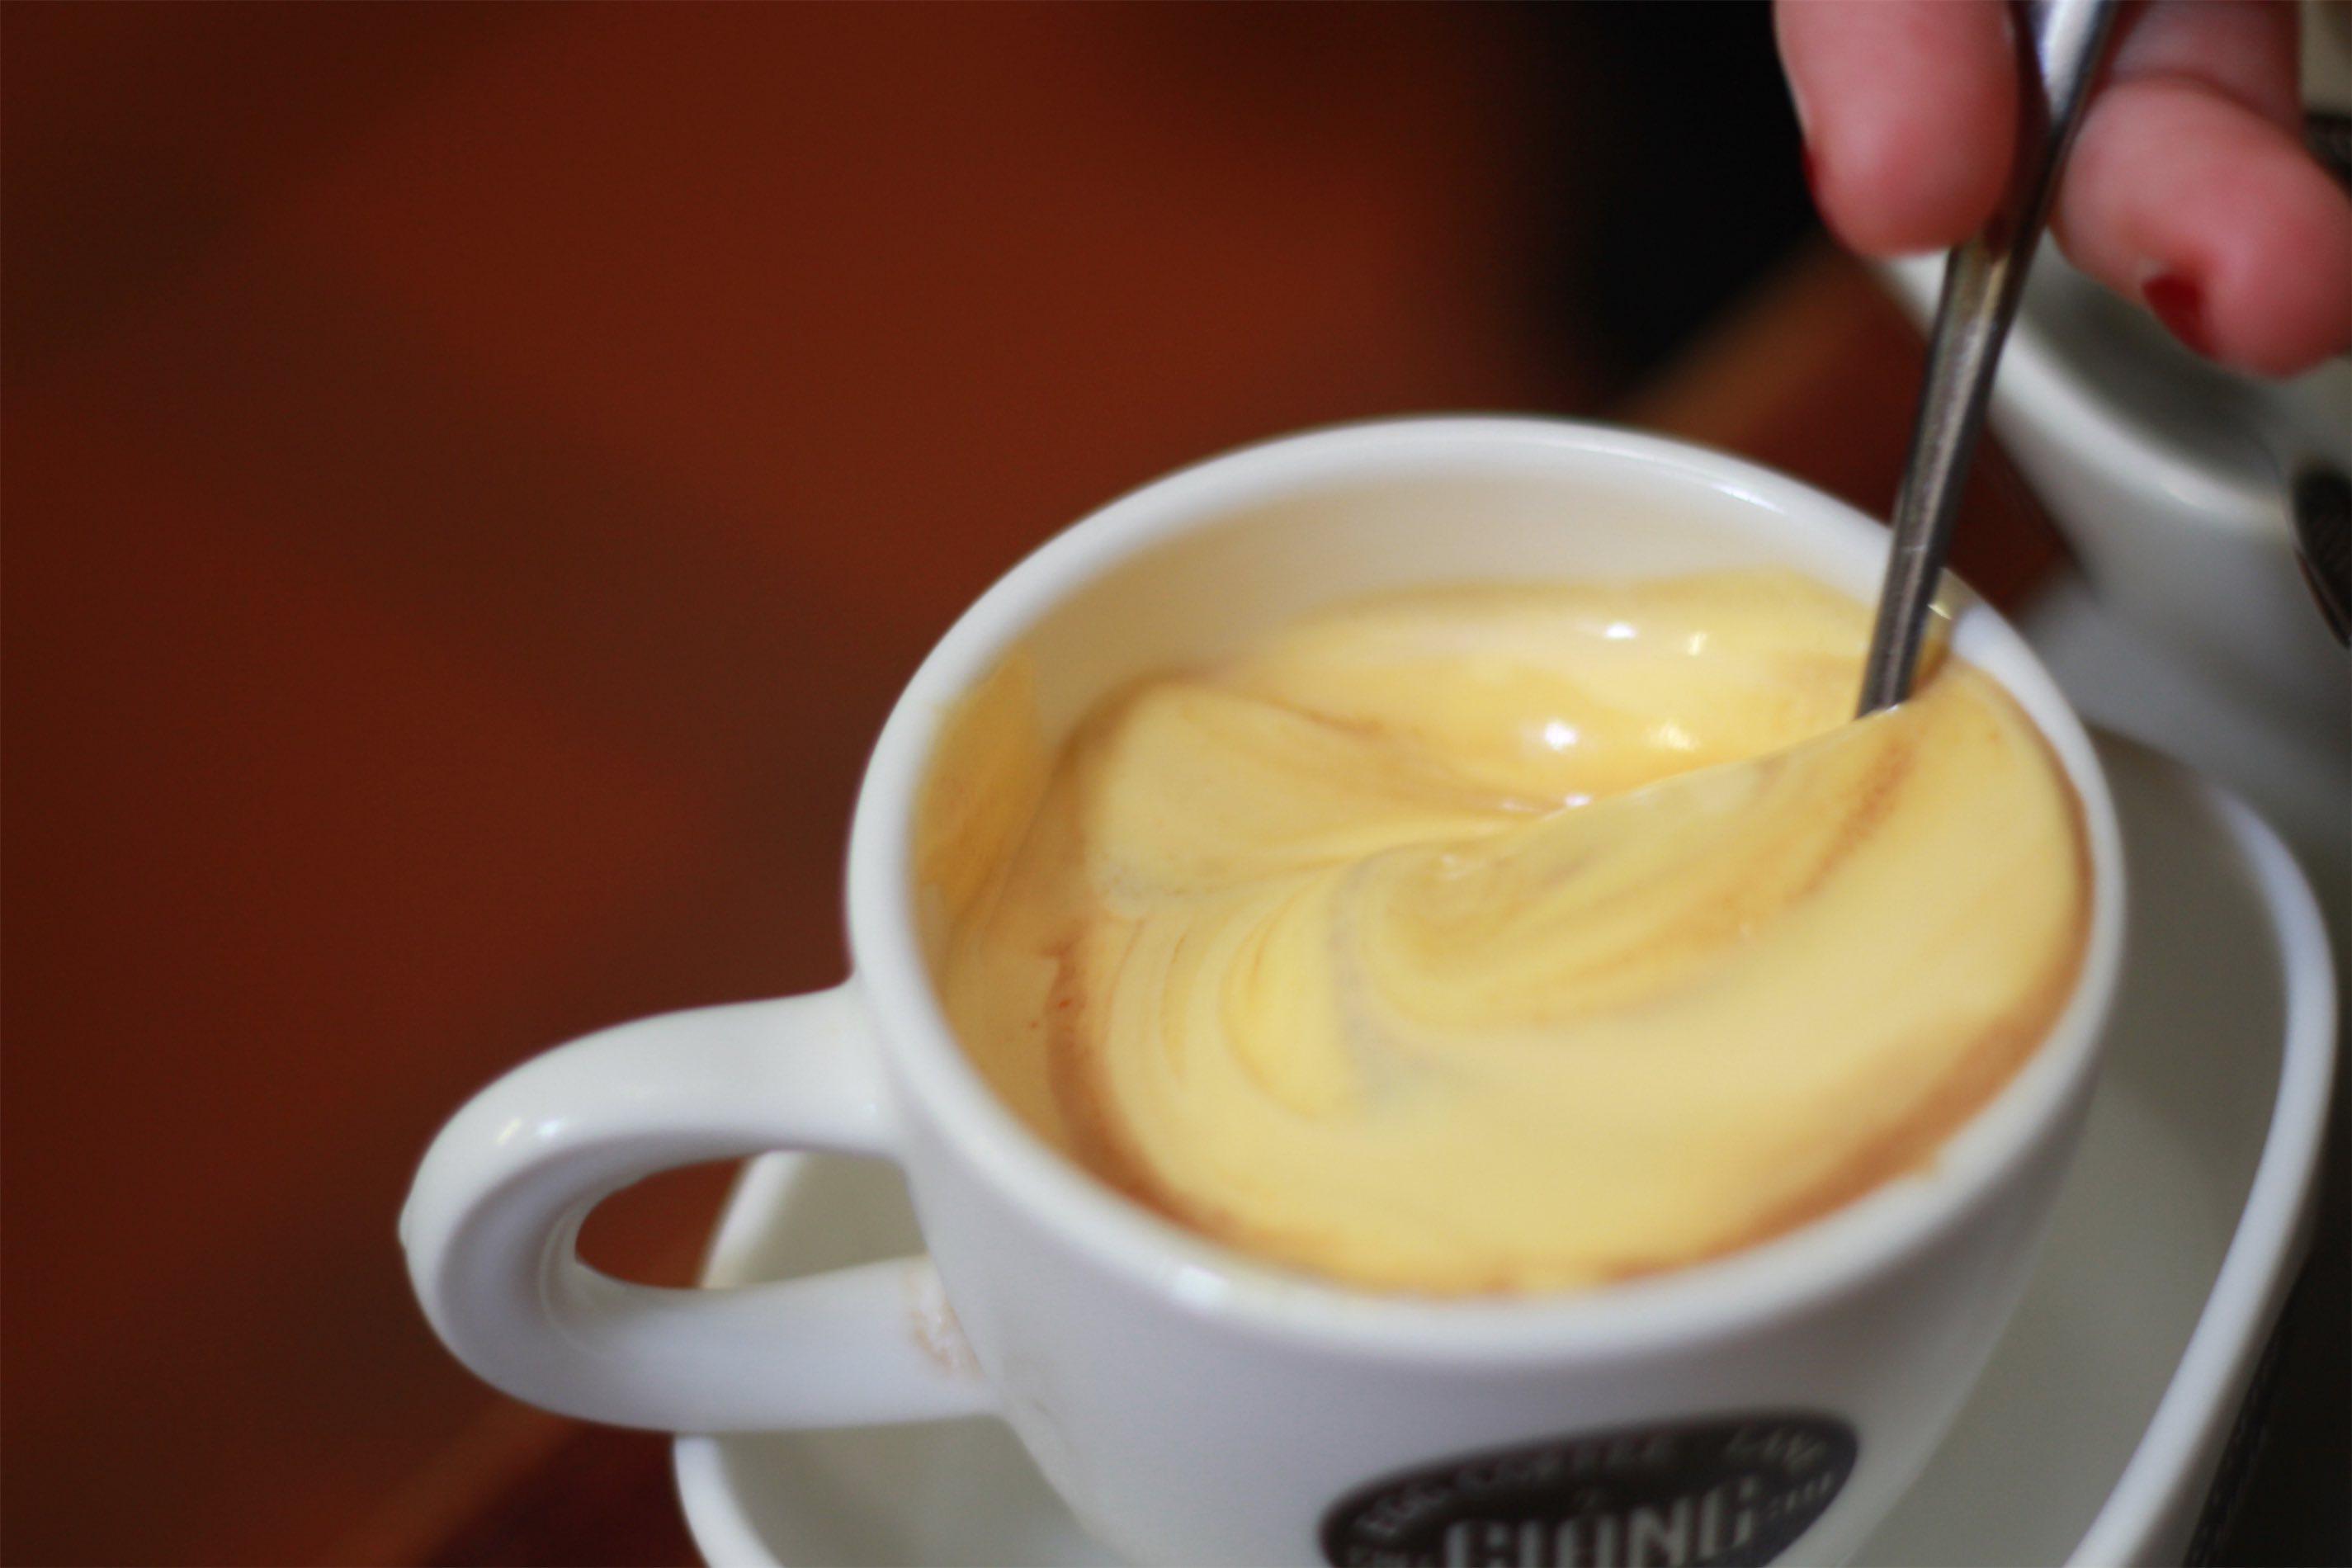 egg coffee at Cà Phê Giang